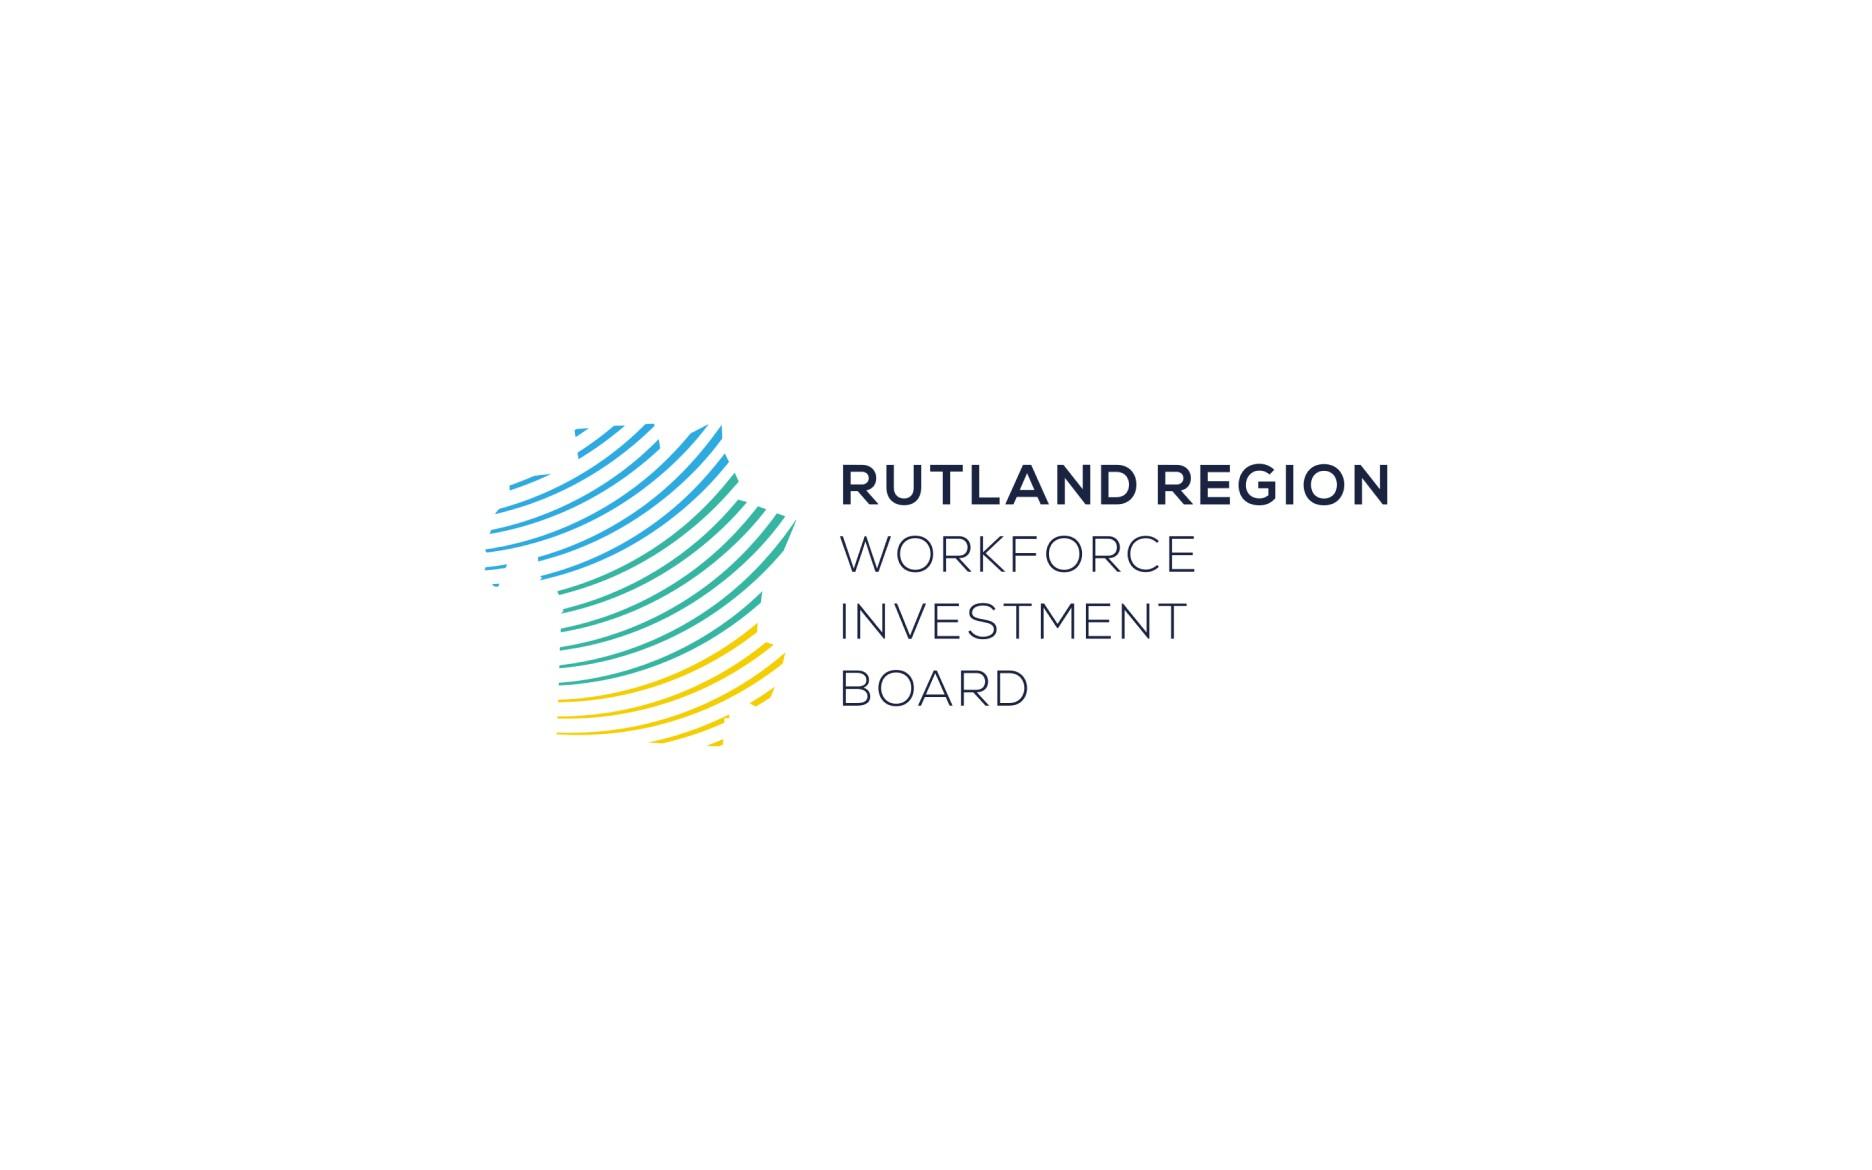 Rutland Region Workforce Investment Board